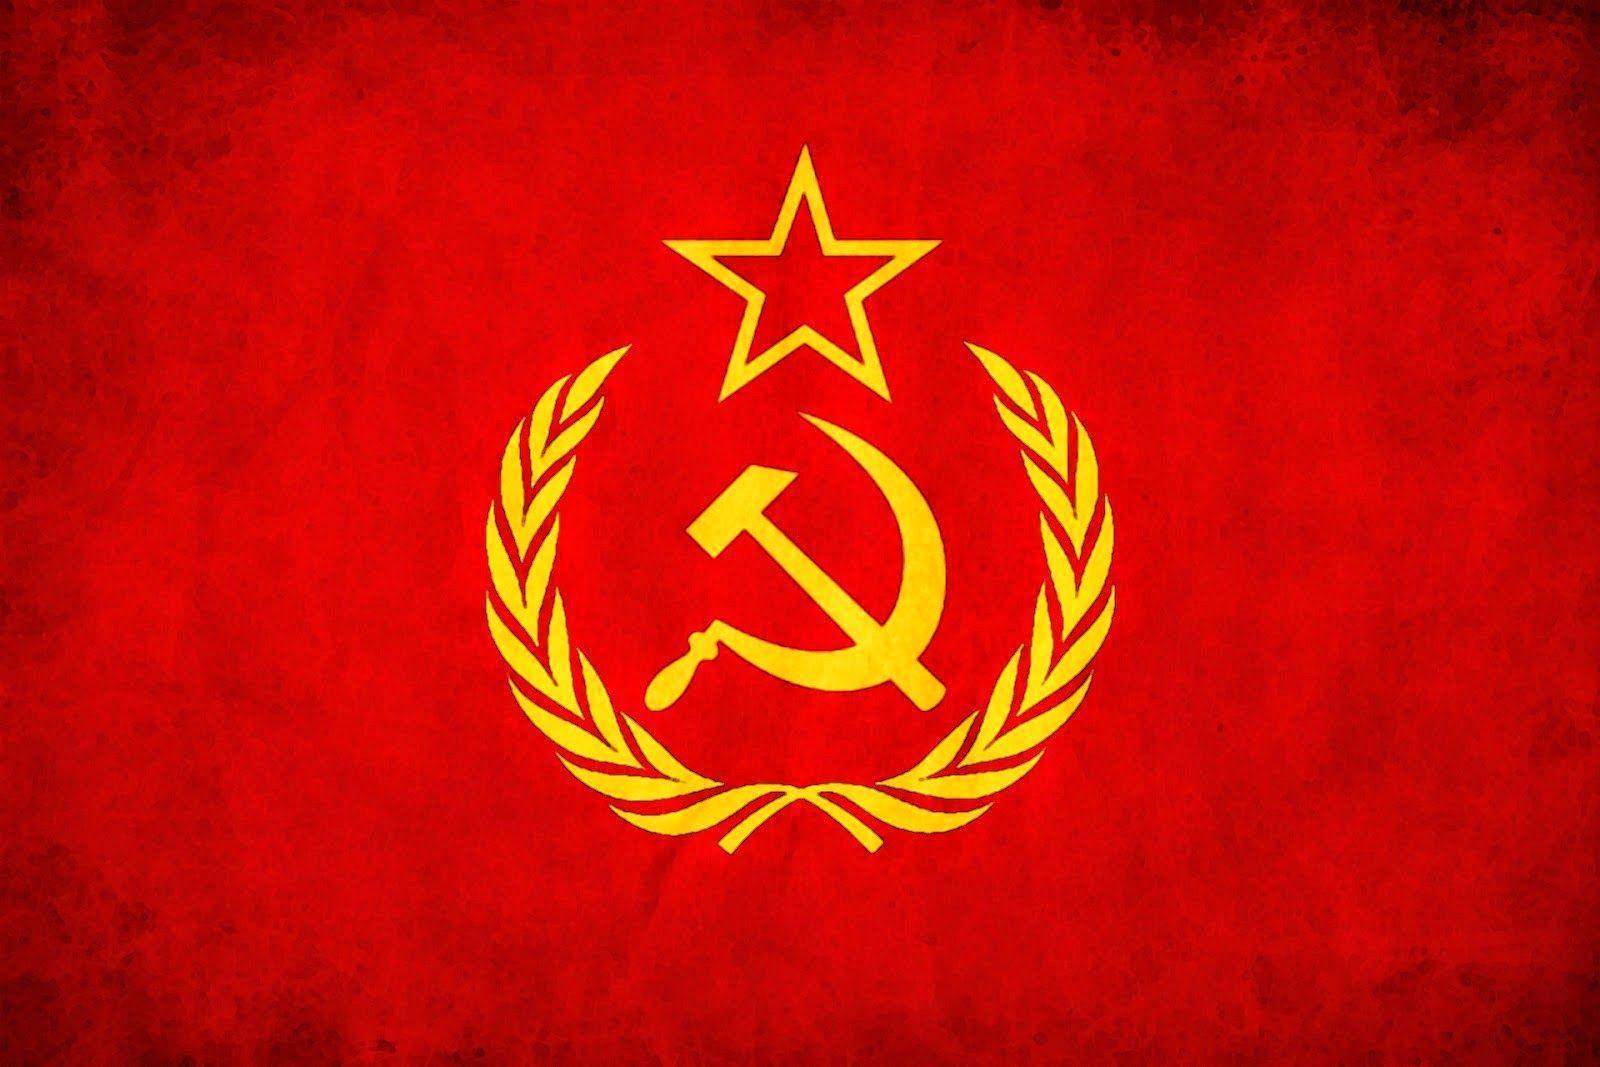 Bandeira Comunista